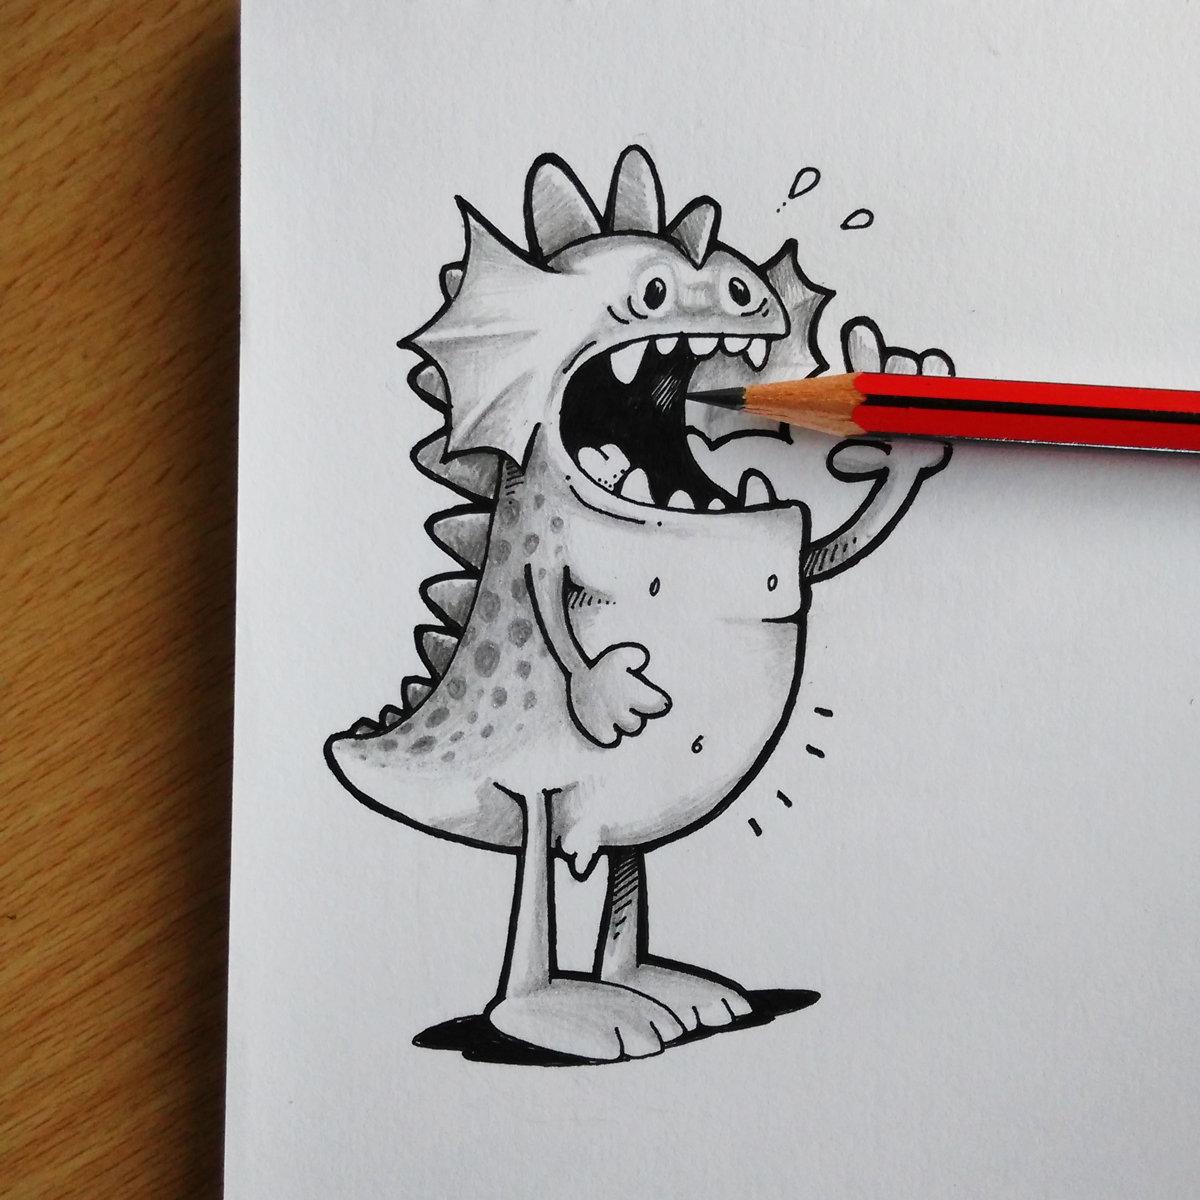 Анимационные картинки, как нарисовать прикольные смешные рисунки